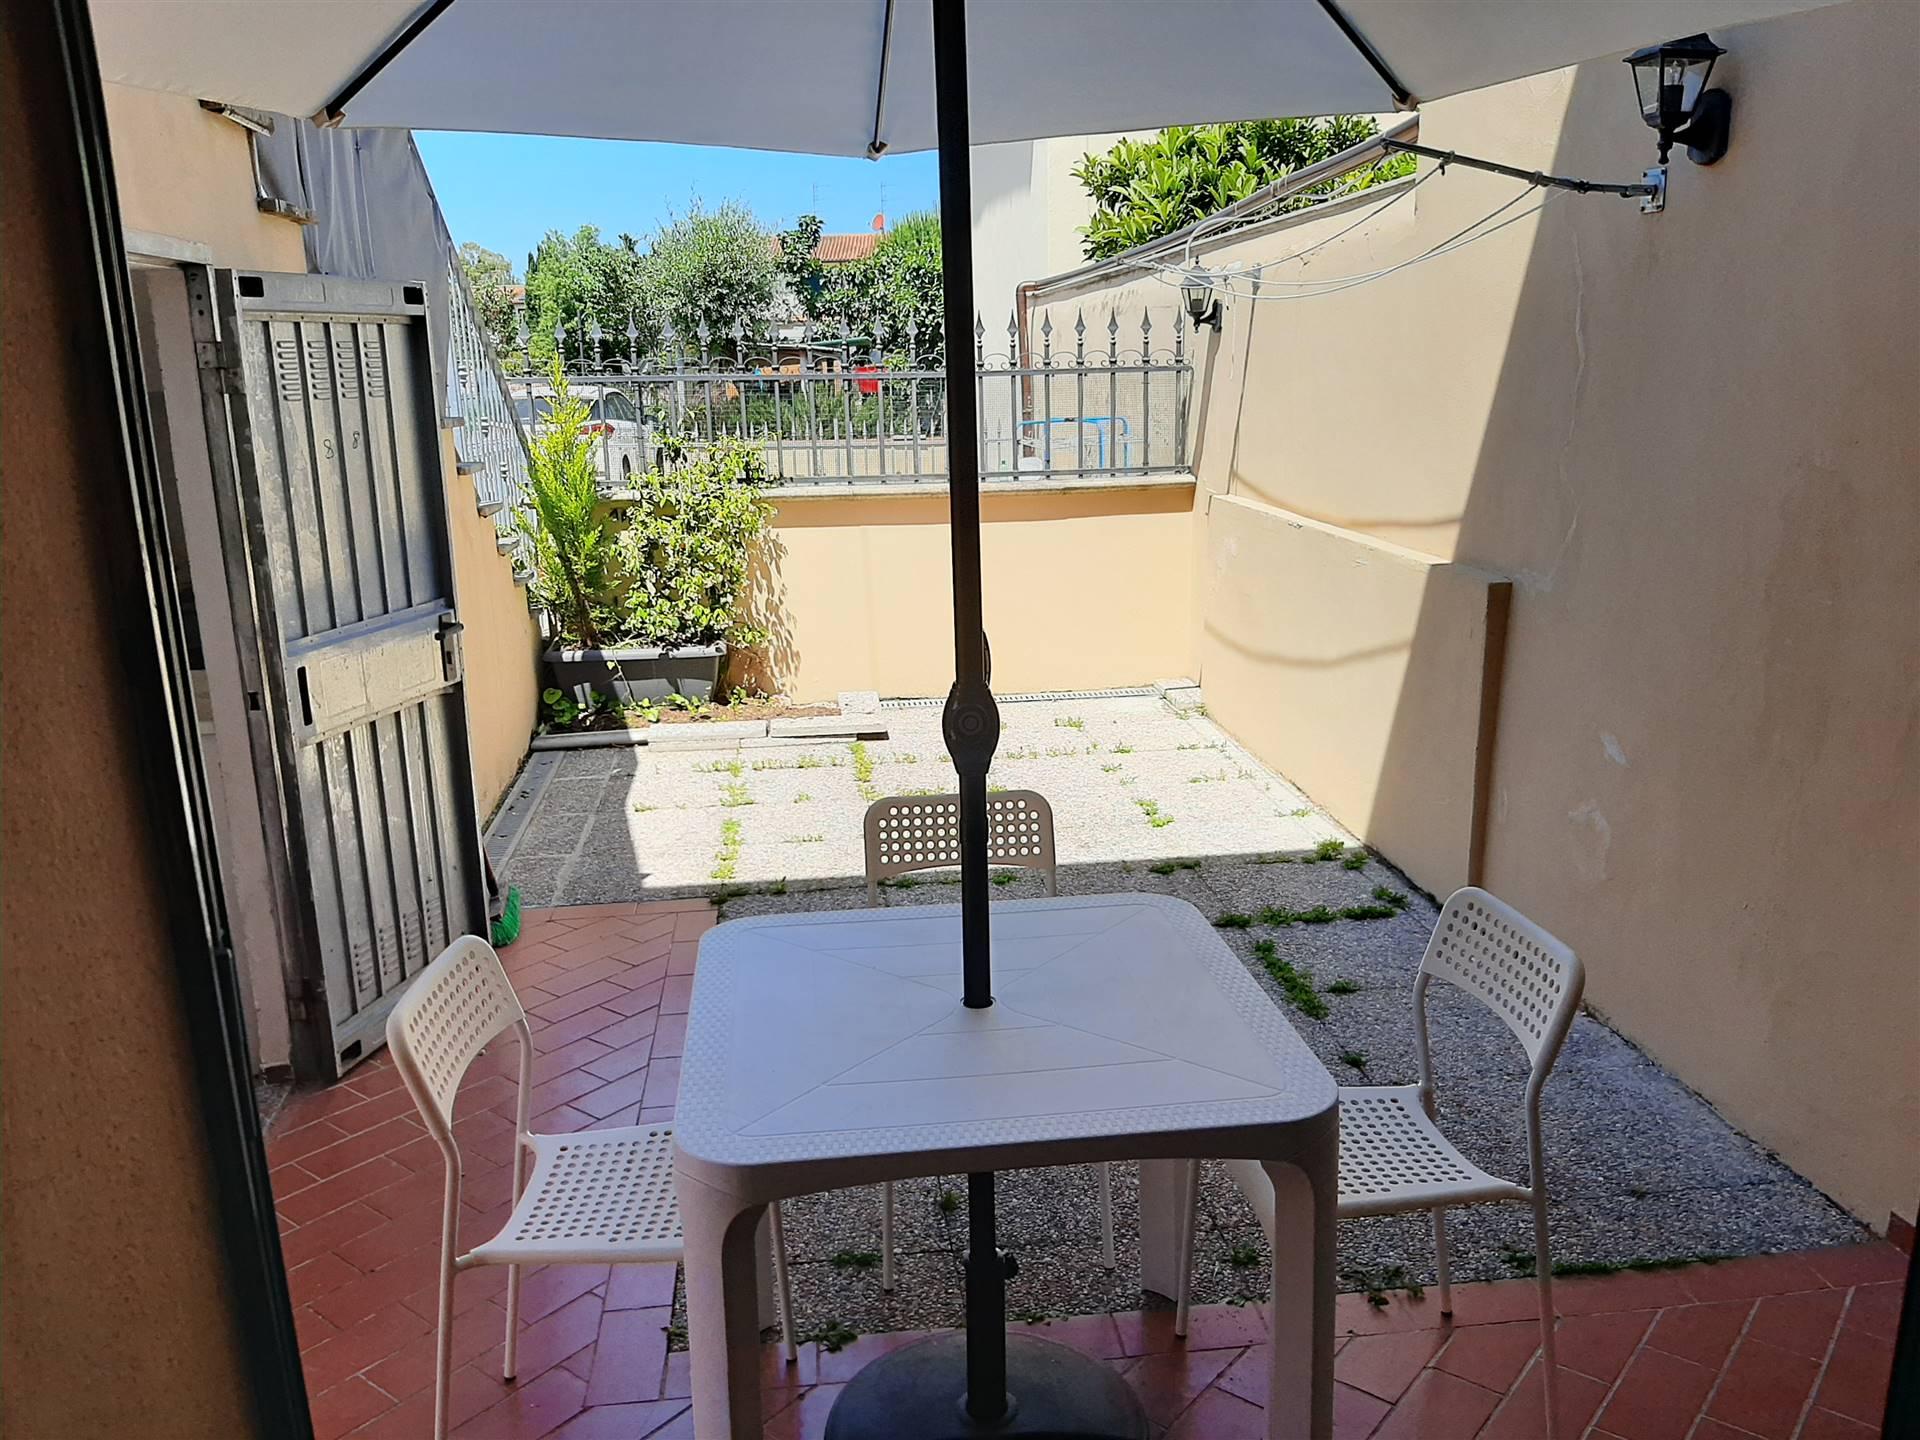 Riferimento E2501GA - GHEZZANO - Affittasi appartamento arredato nuovo con ingresso indipendente posto al piano terra, con giardino pavimentato